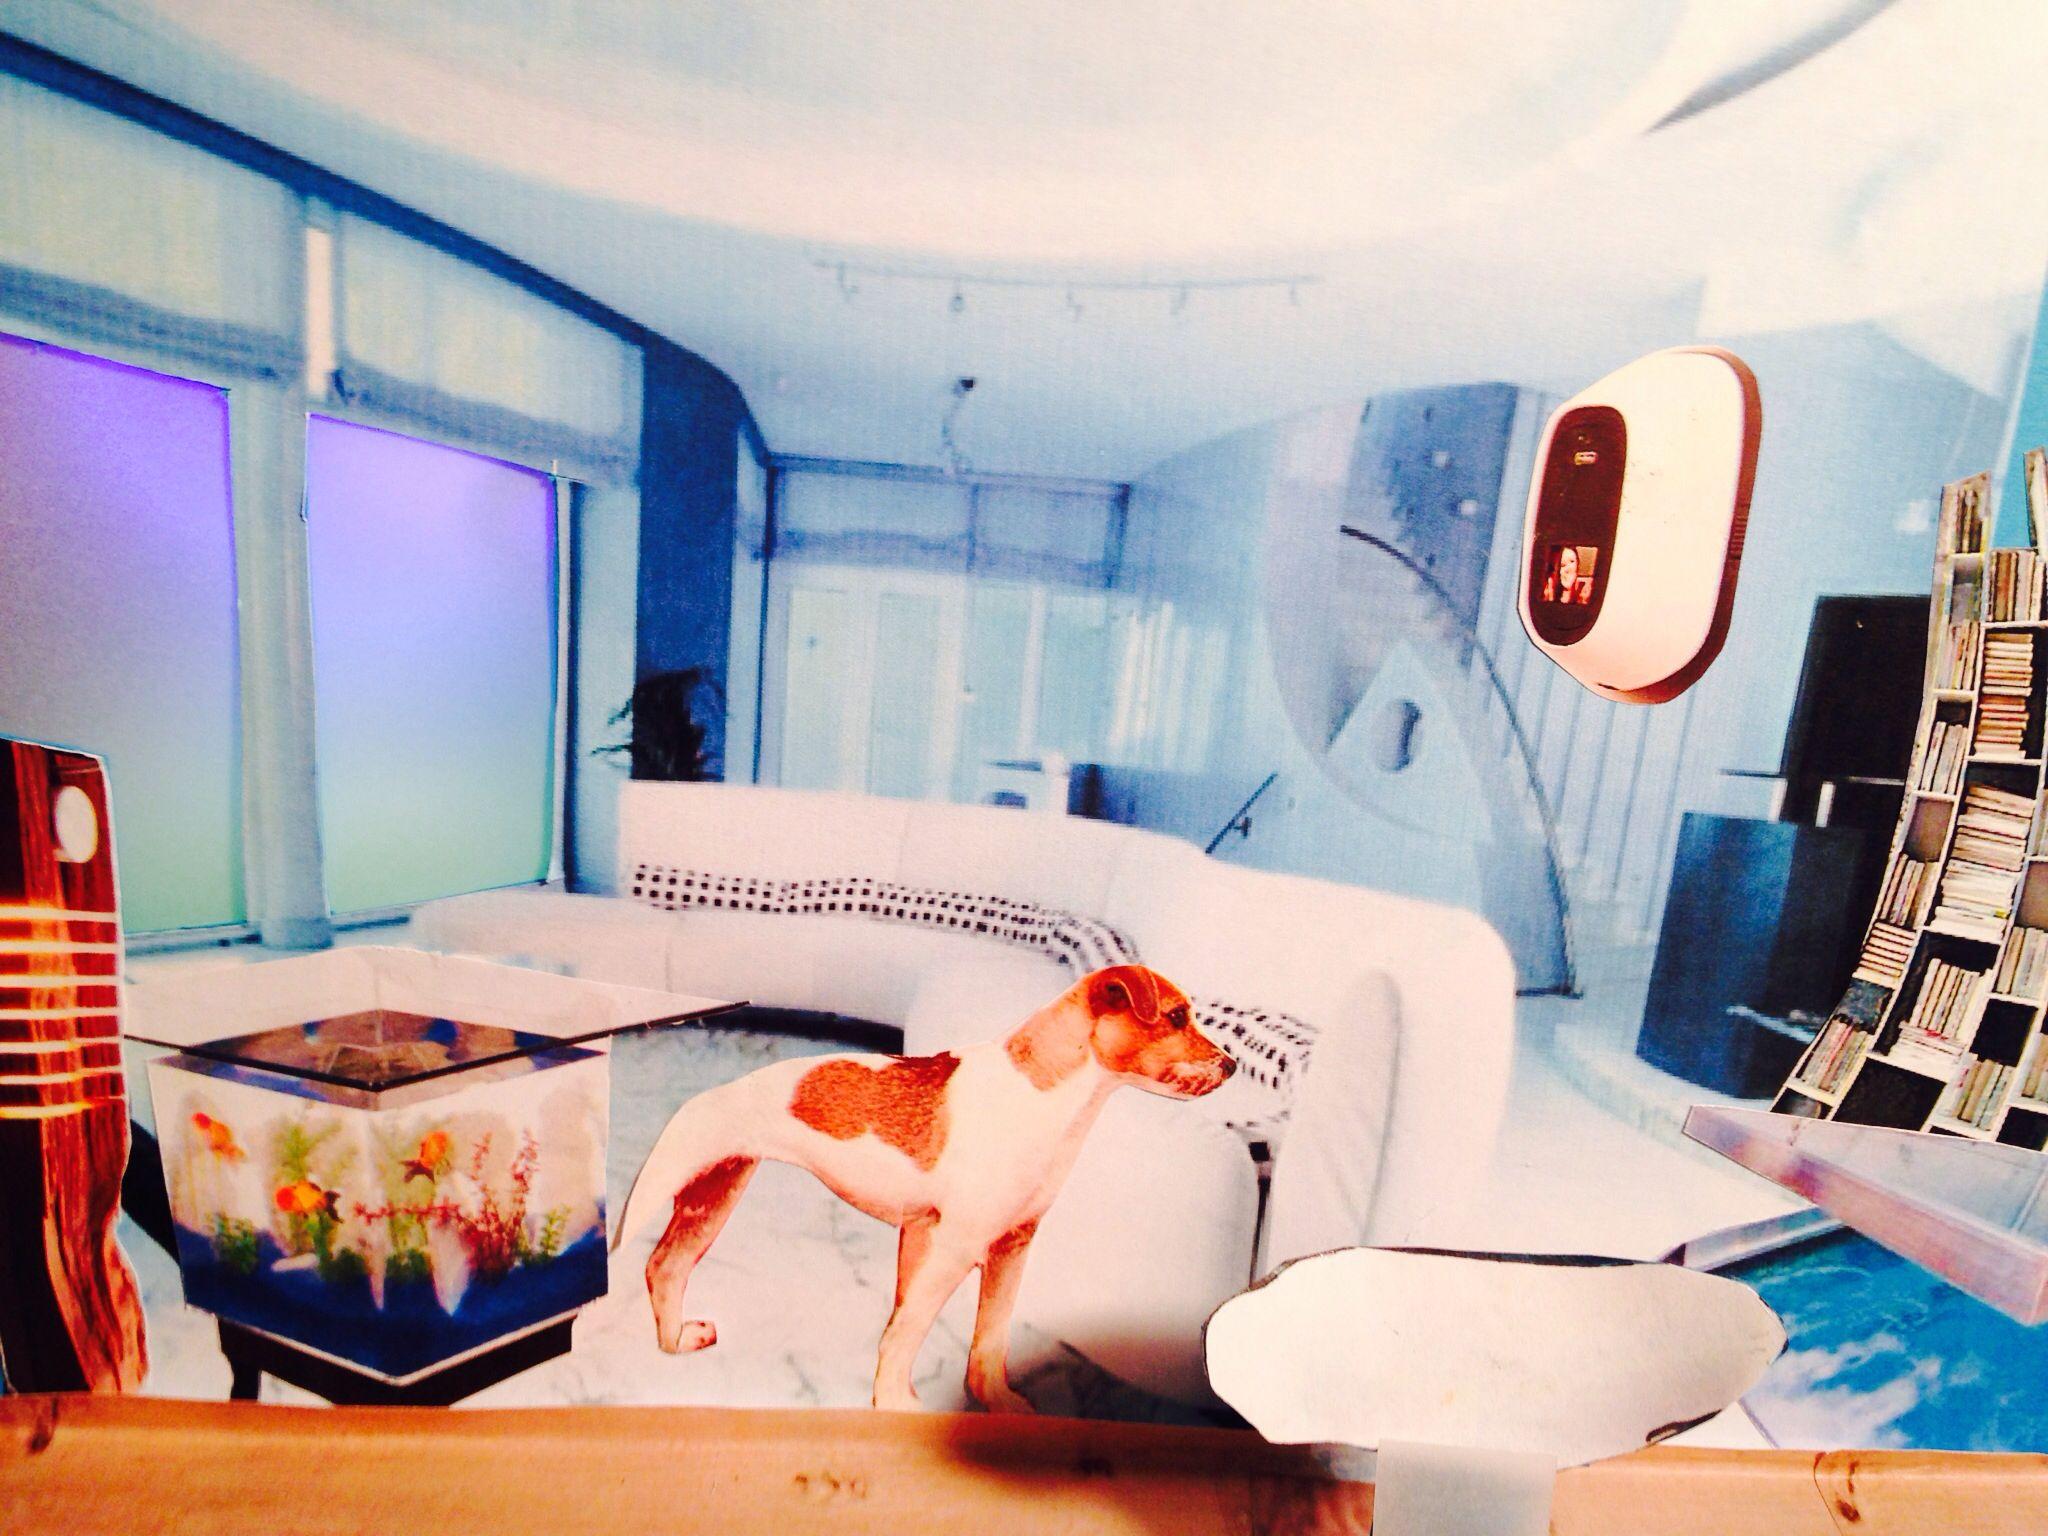 pop-up quest huis van de toekomst woonkamer | pop-up decor quest, Deco ideeën